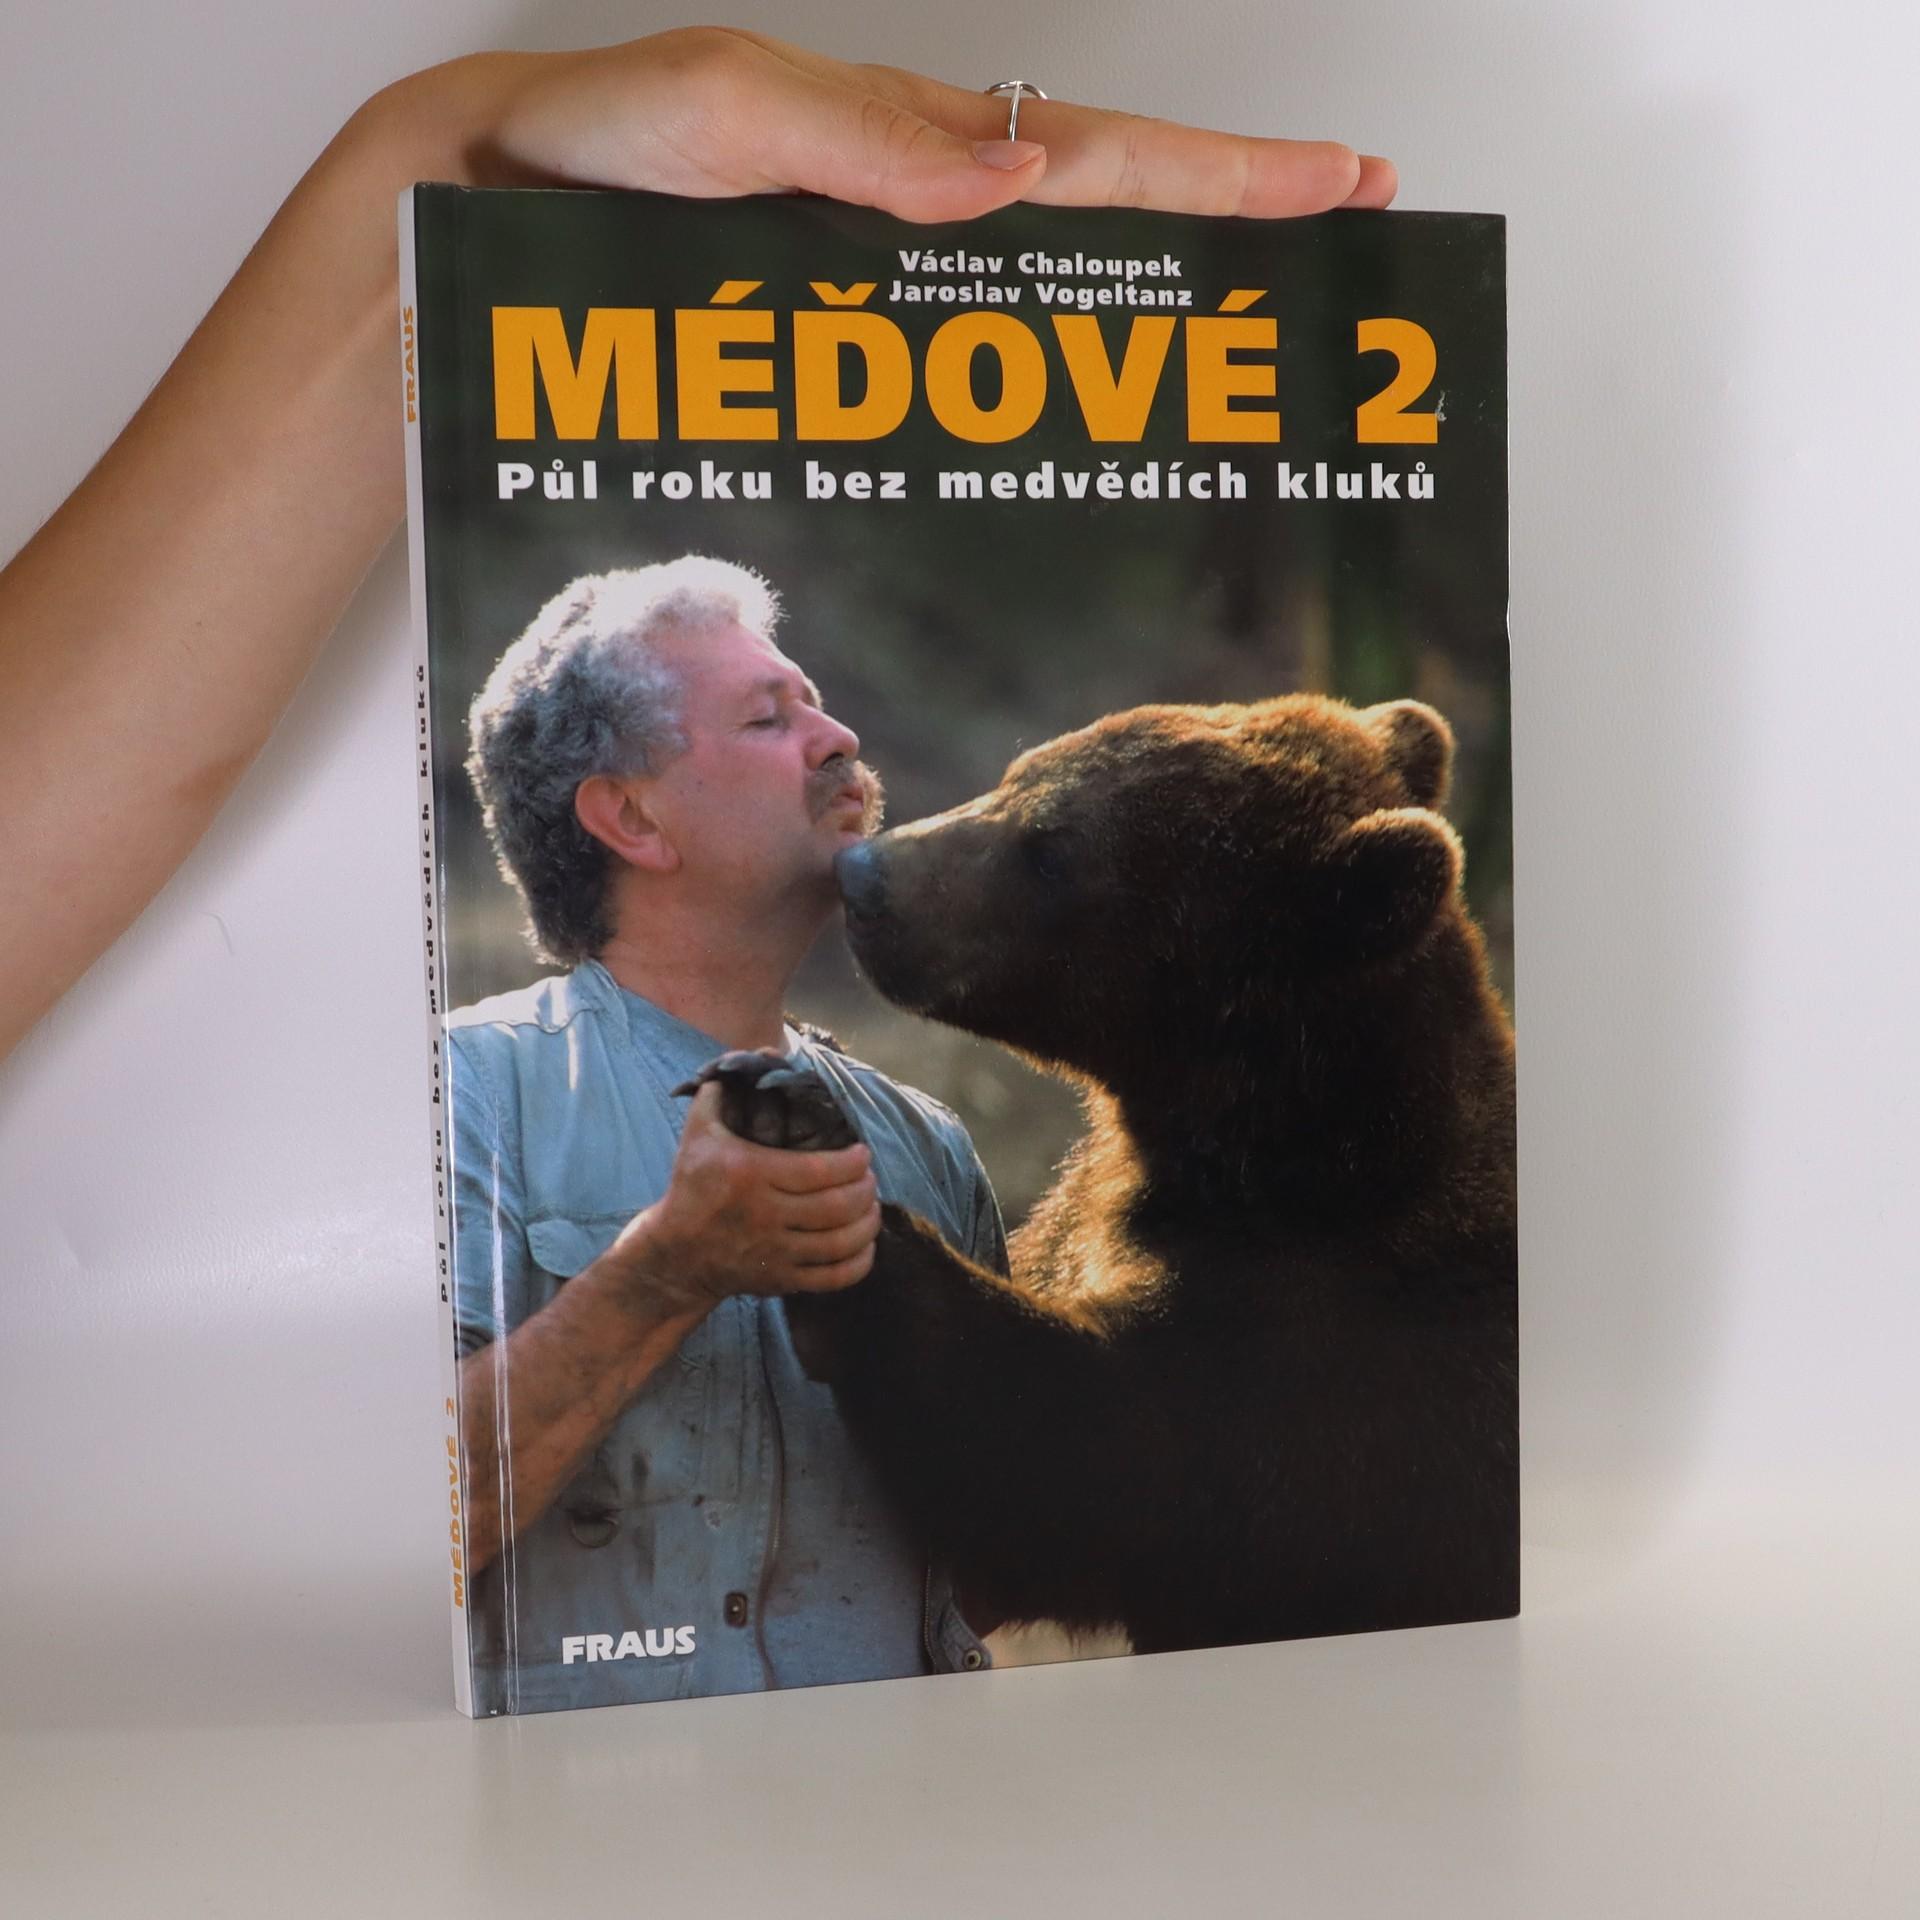 antikvární kniha Méďové 2. Půl roku bez medvědích kluků., 2001